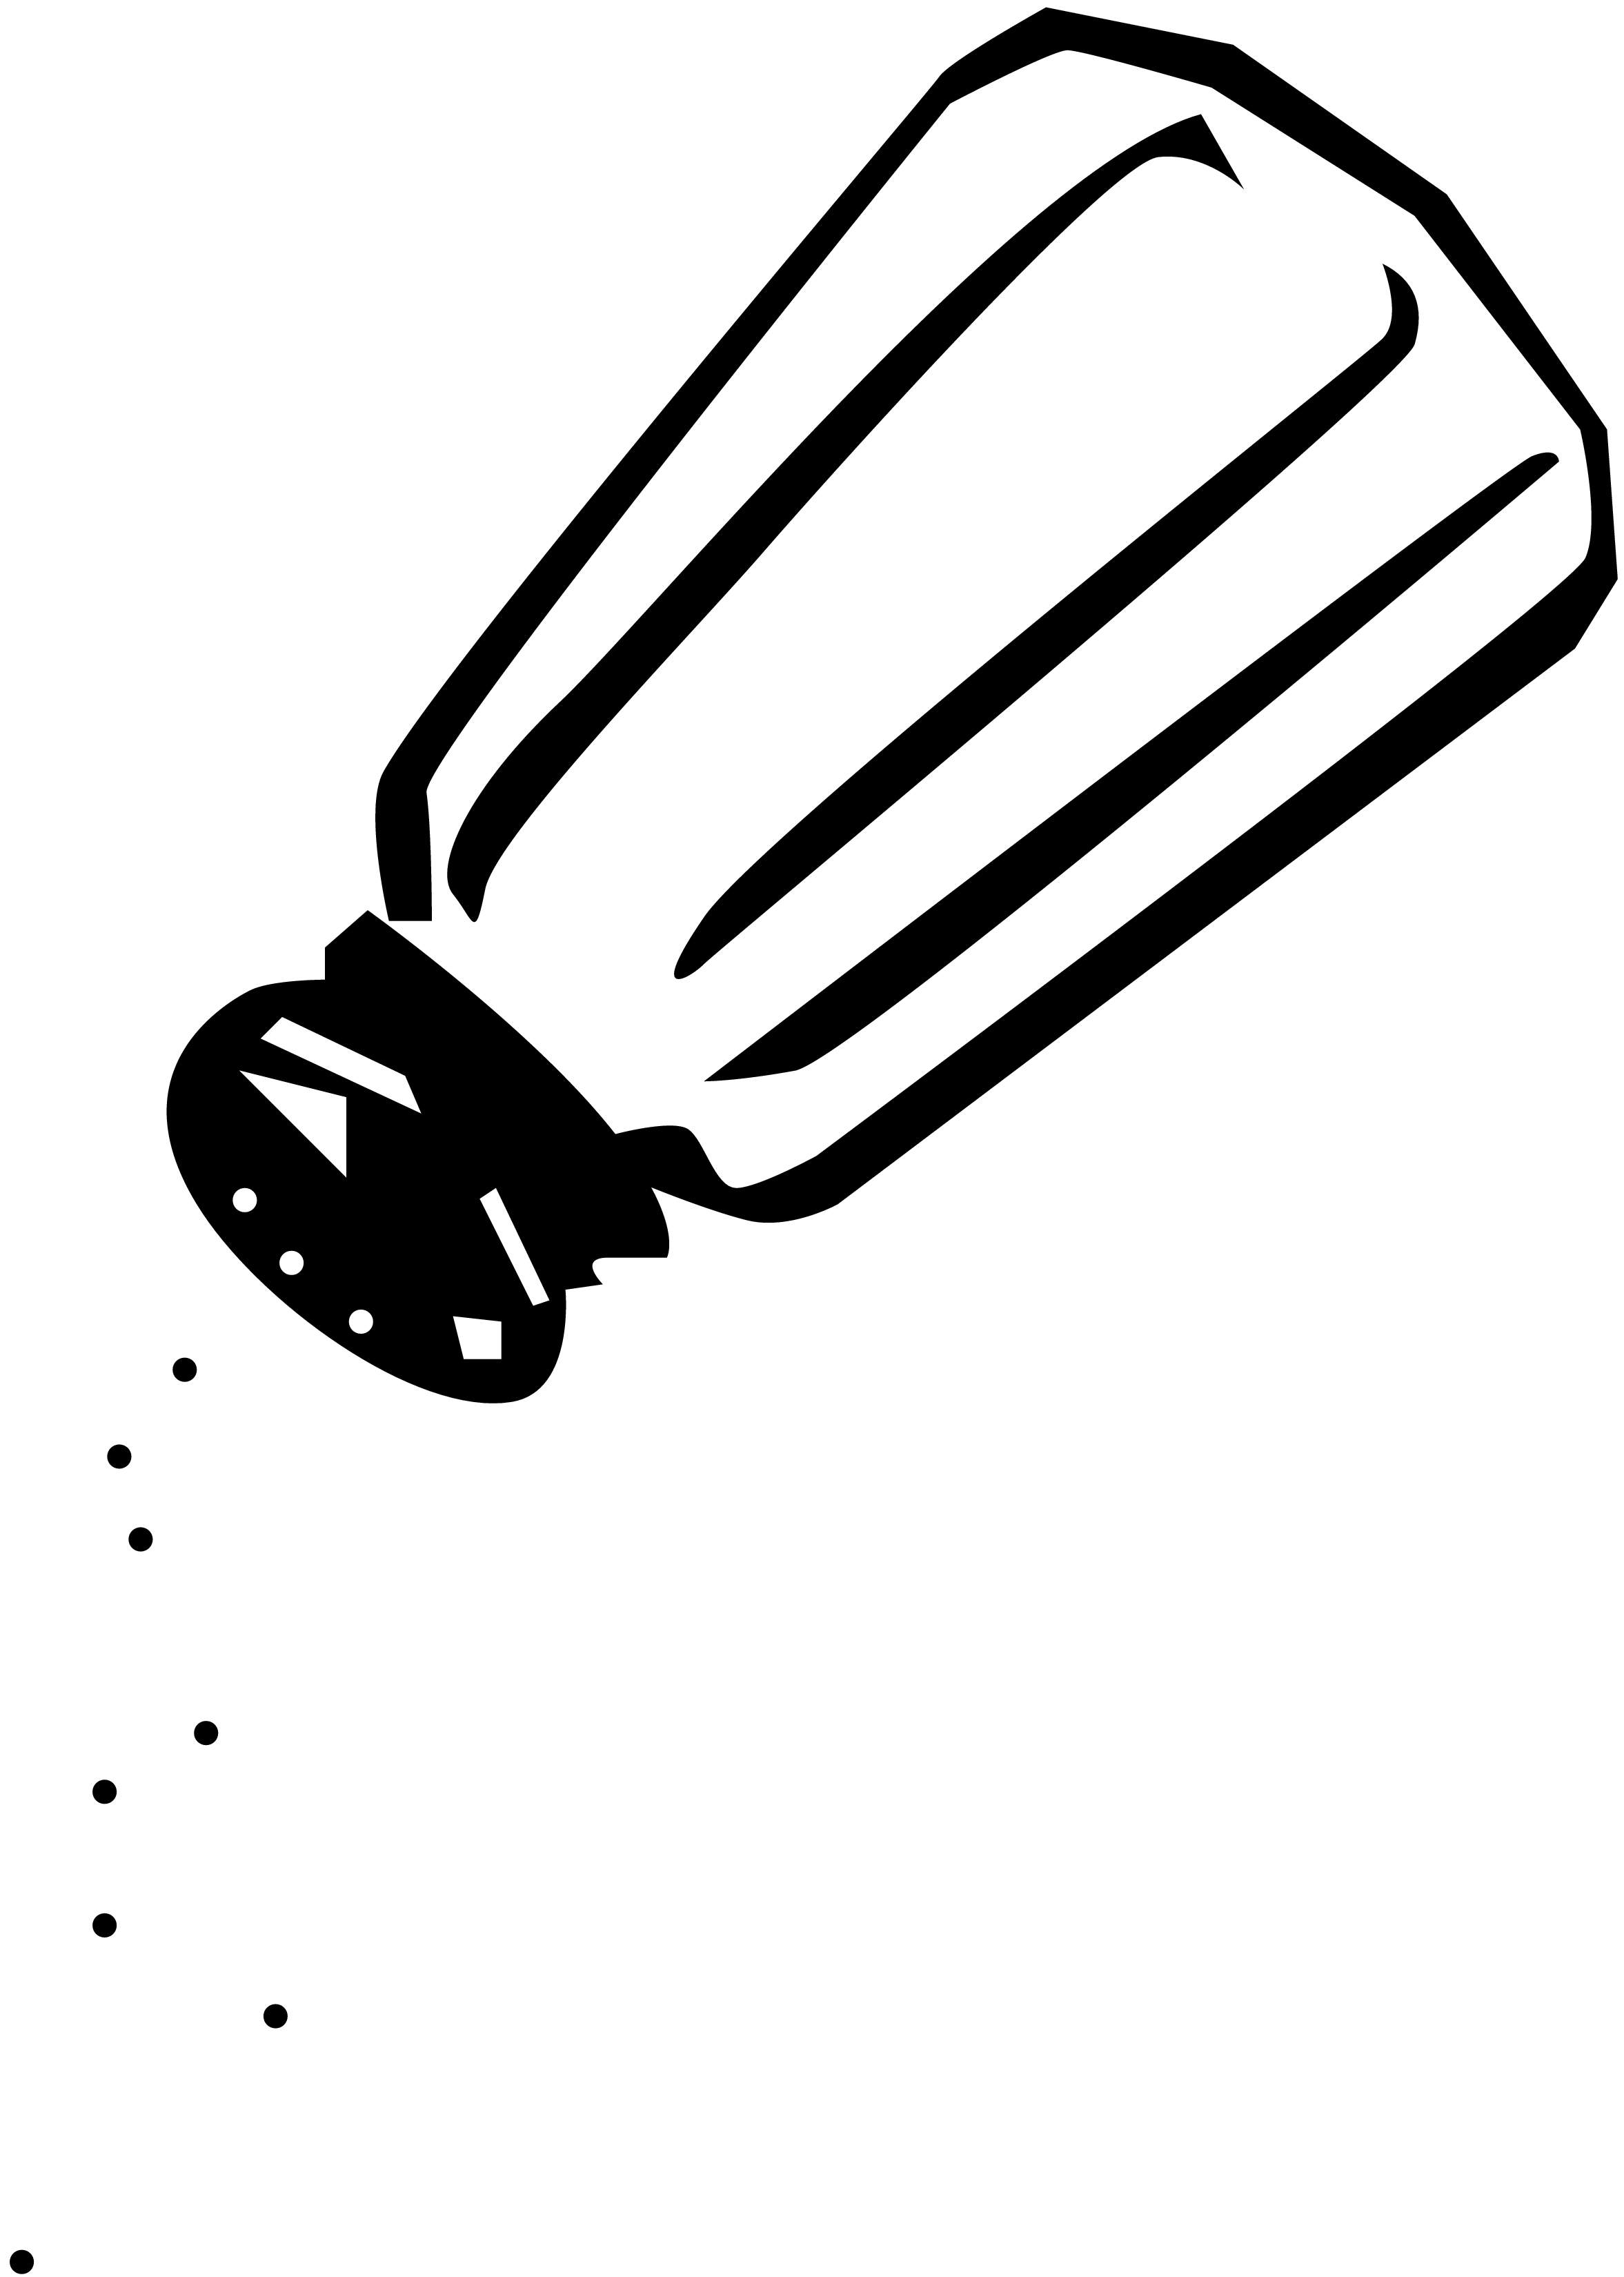 Salt Salt Clipart